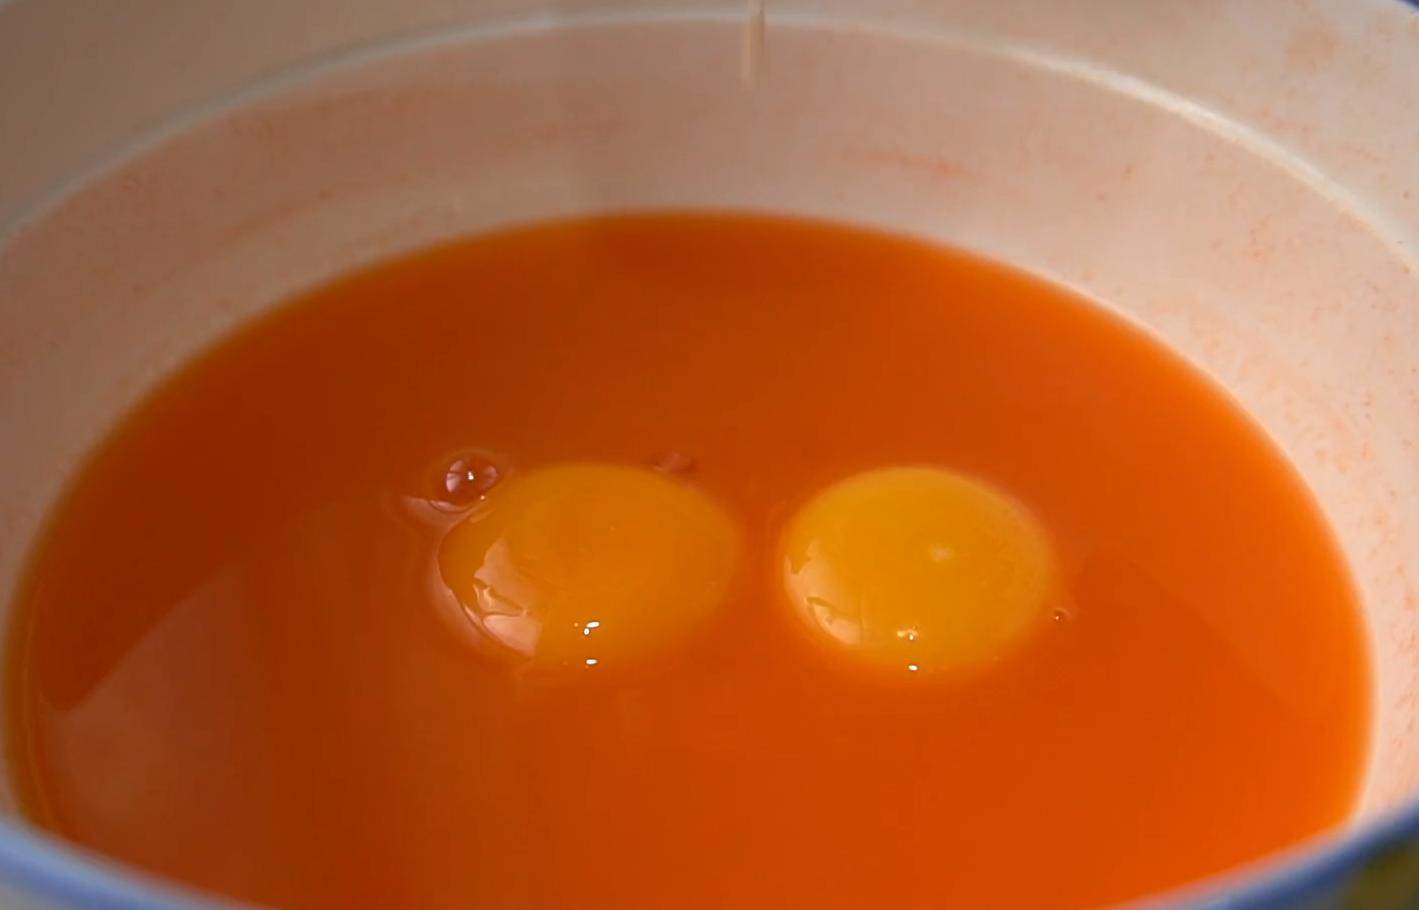 教你做蔬菜雙色水蒸蛋,口感滑嫩,營養豐富,老人孩子都愛吃